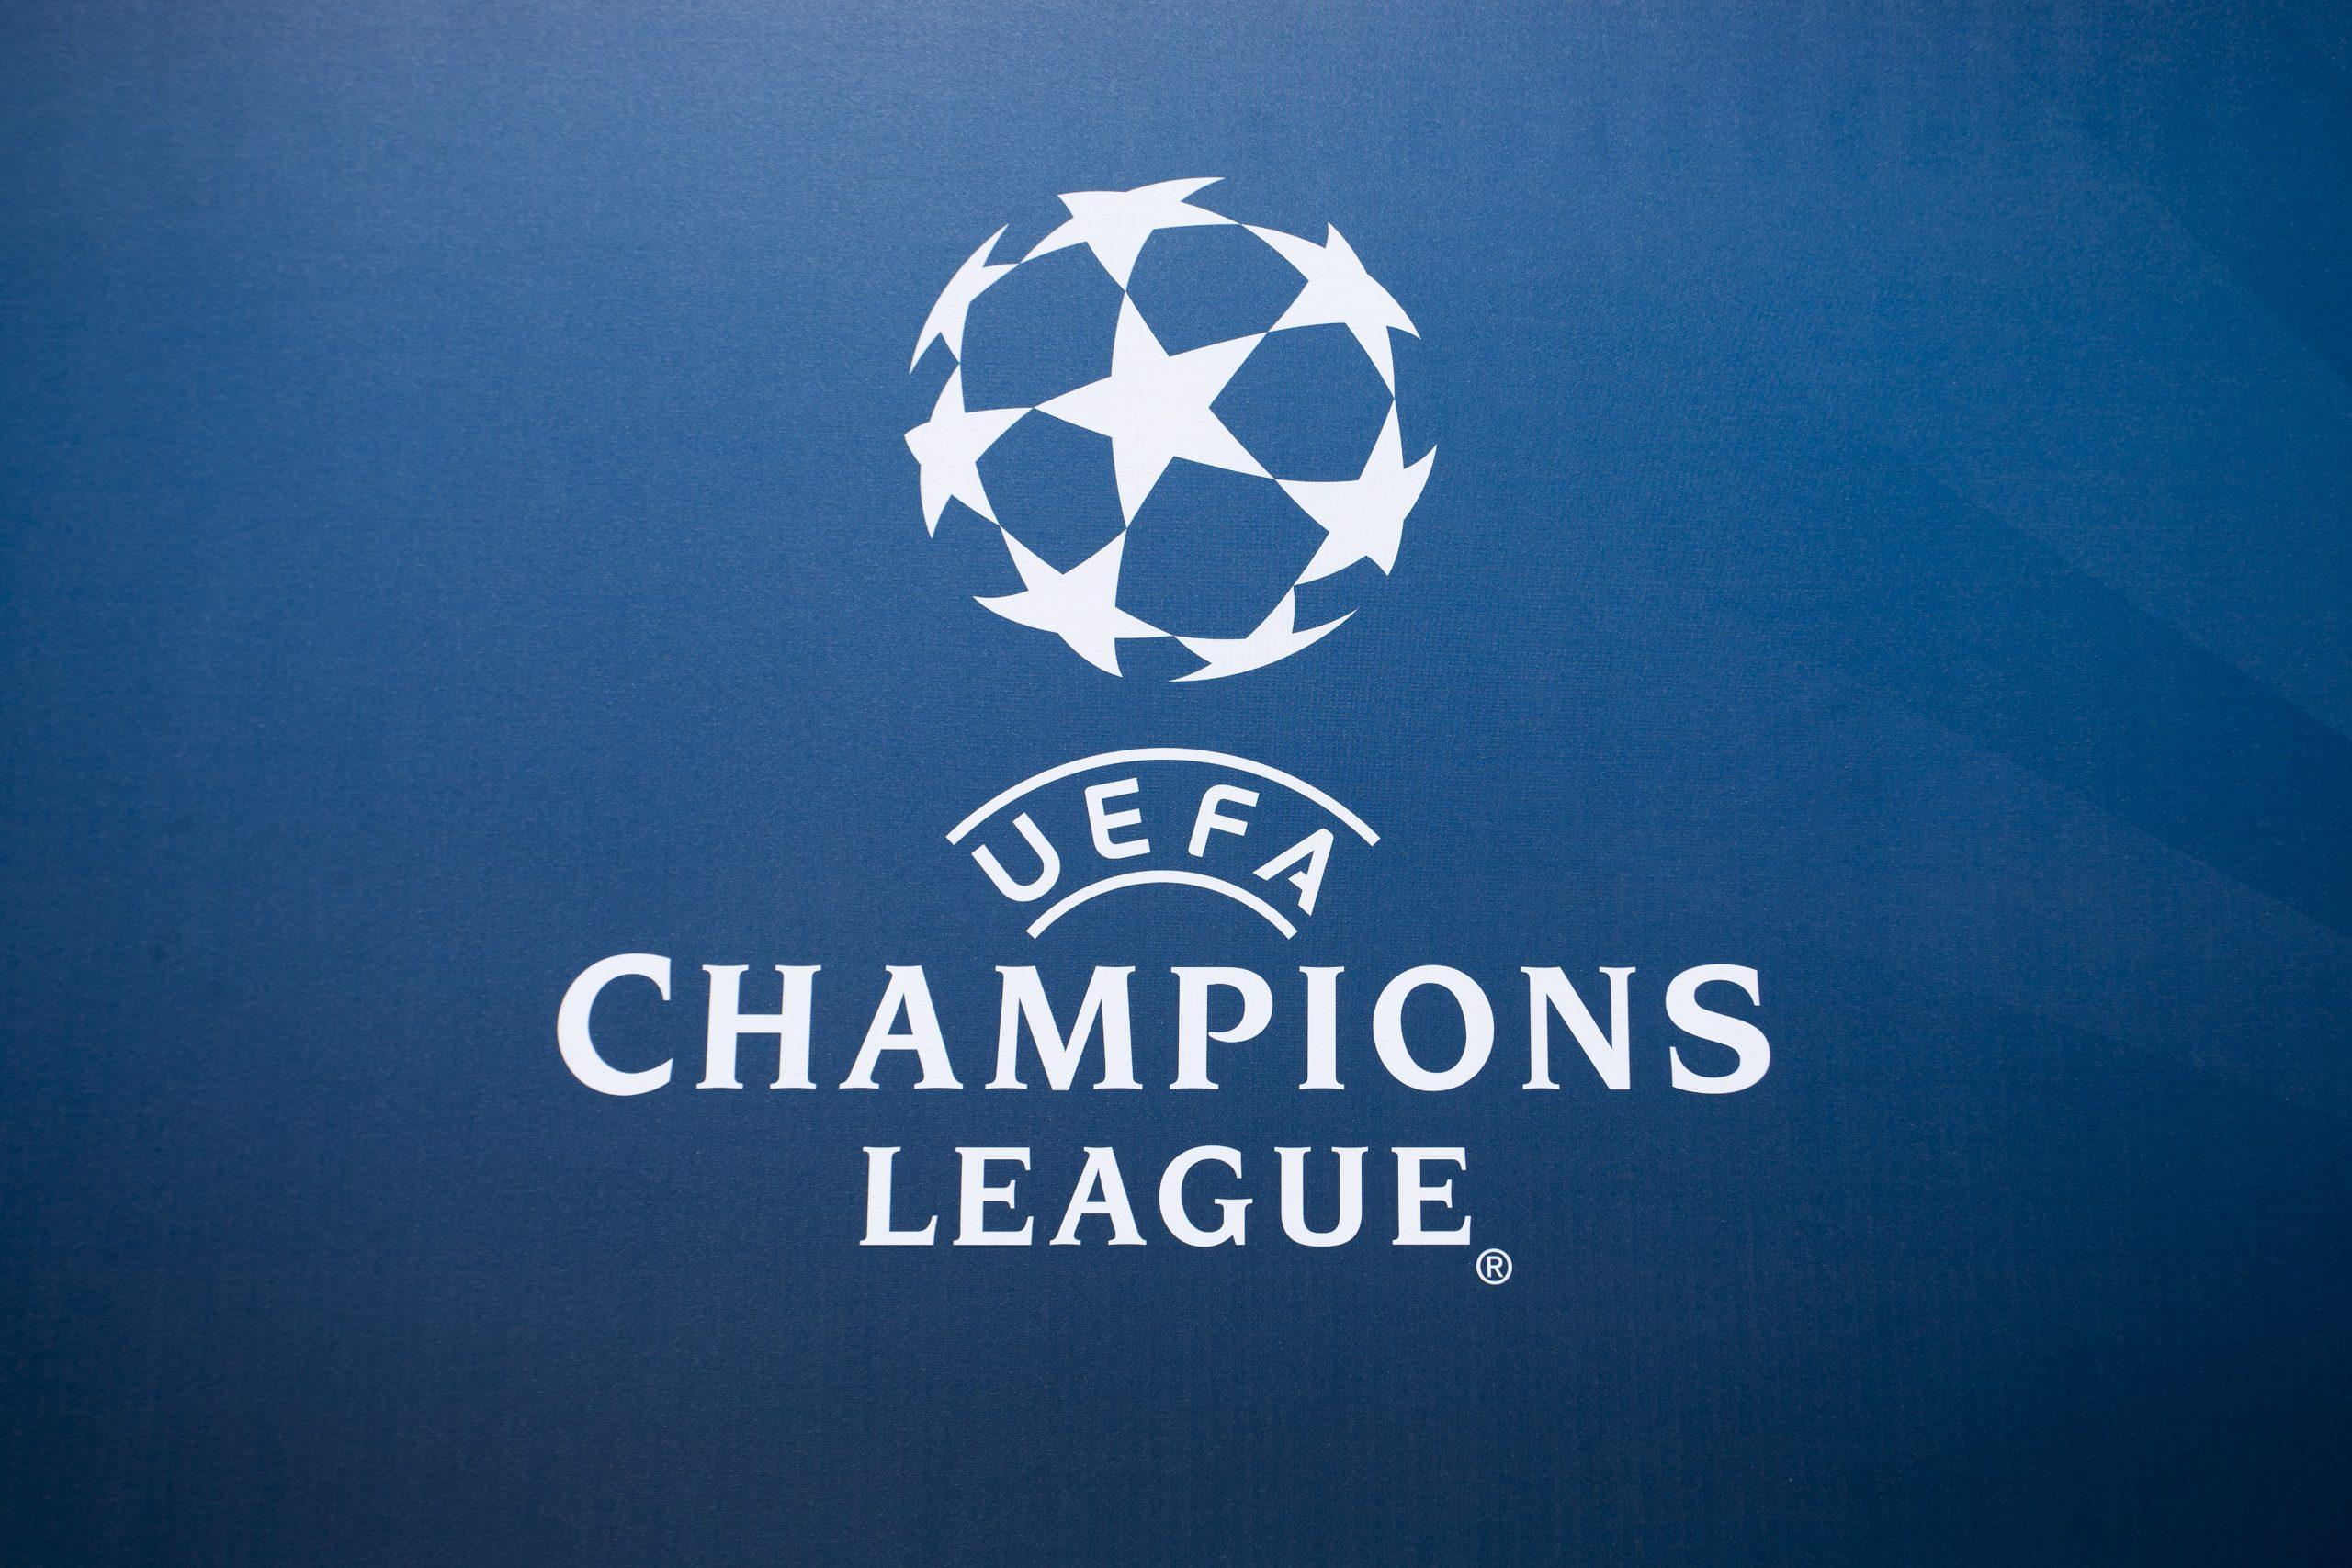 LDC - Le calendrier complet du PSG est fixé : le premier match face à ManU